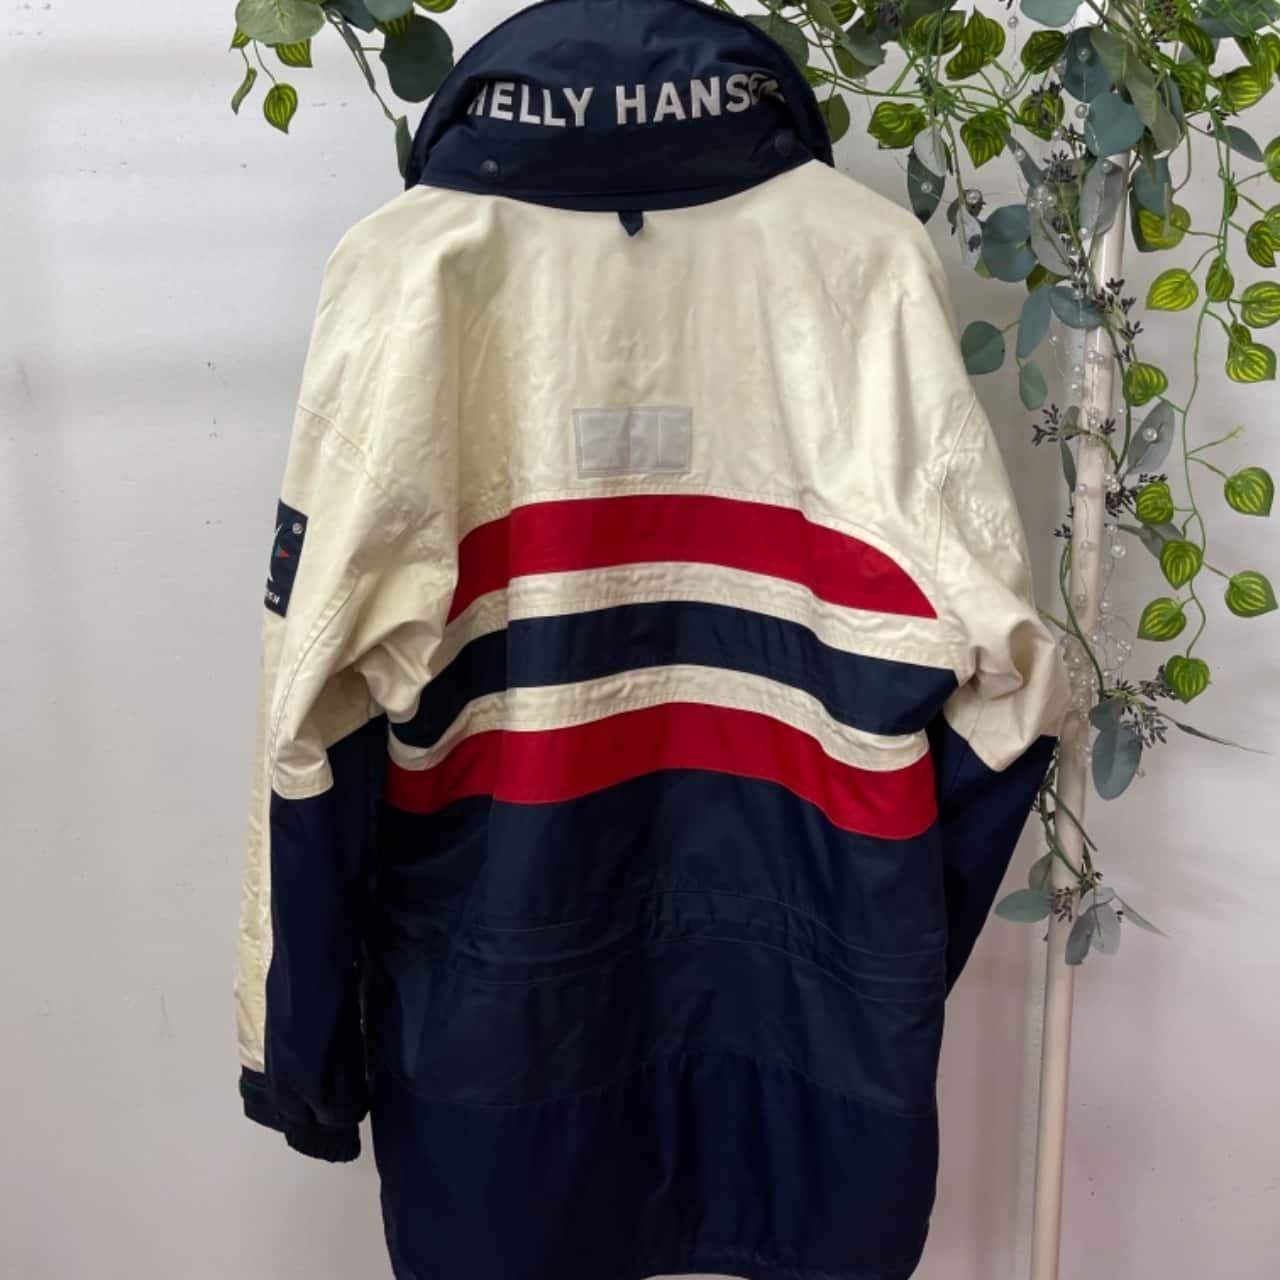 Helly Hansen Mens  Size M Ski Jacket Blue/Cream/Red